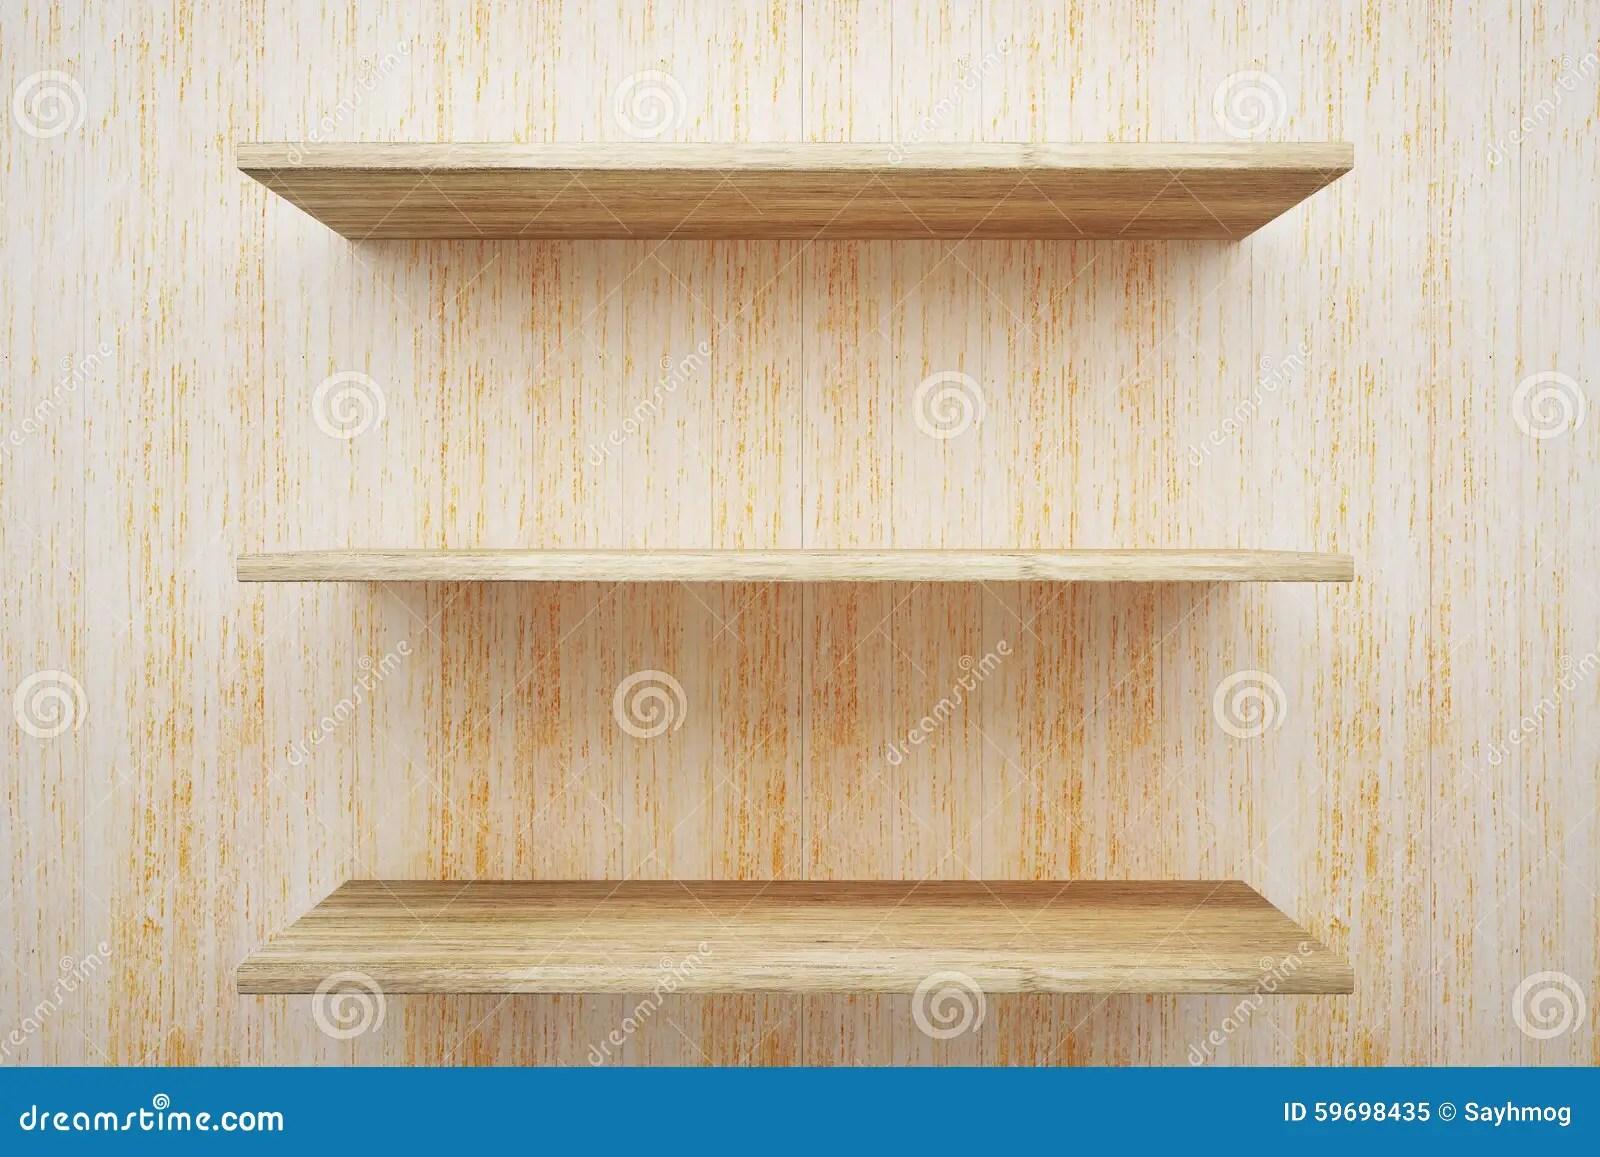 Muur Van Houten Planken.Houten Planken Aan De Muur Rustieke Houten Wand Plank Handdoek